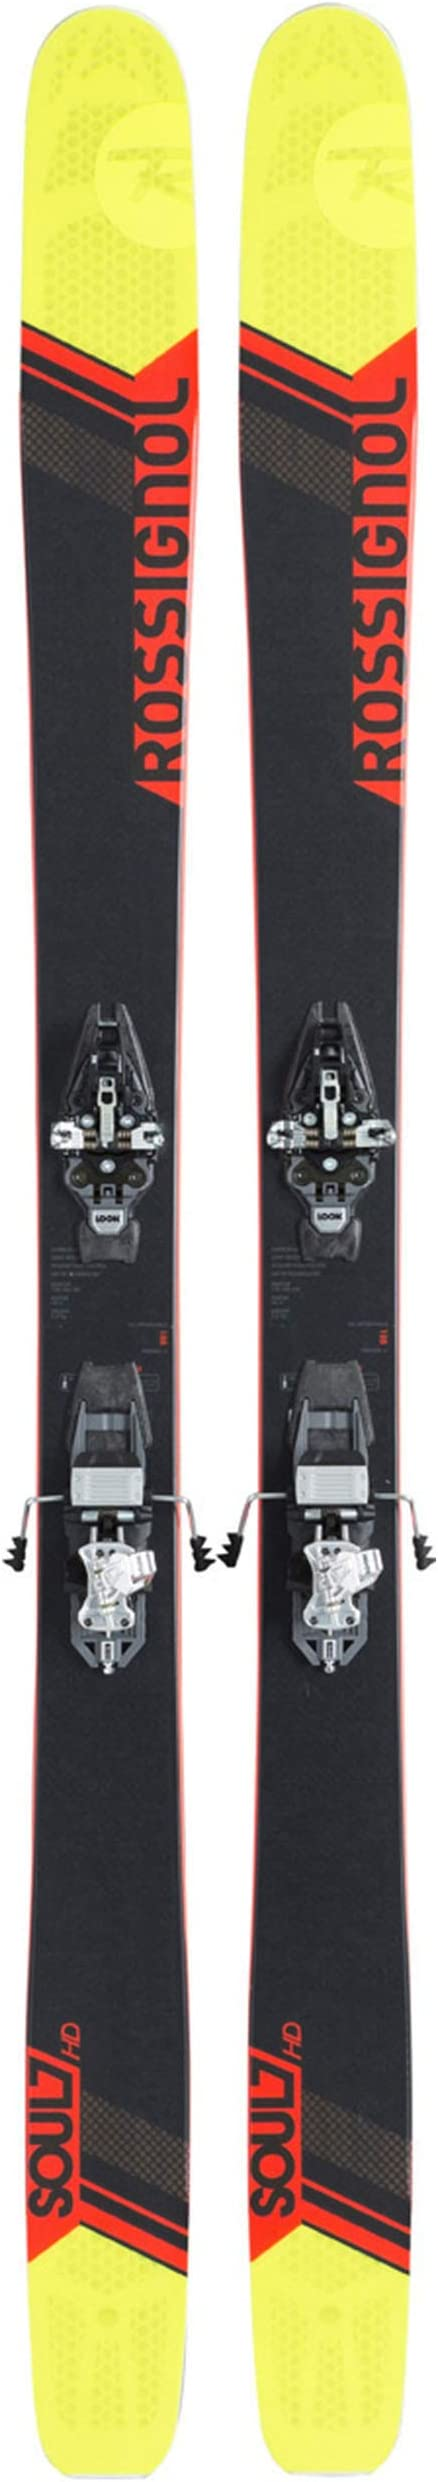 Rossignol – Pack esquí soul7 HD + fijaciones Look HM 12 D120 Negro Hombre – hombre – negro, negro: Amazon.es: Deportes y aire libre